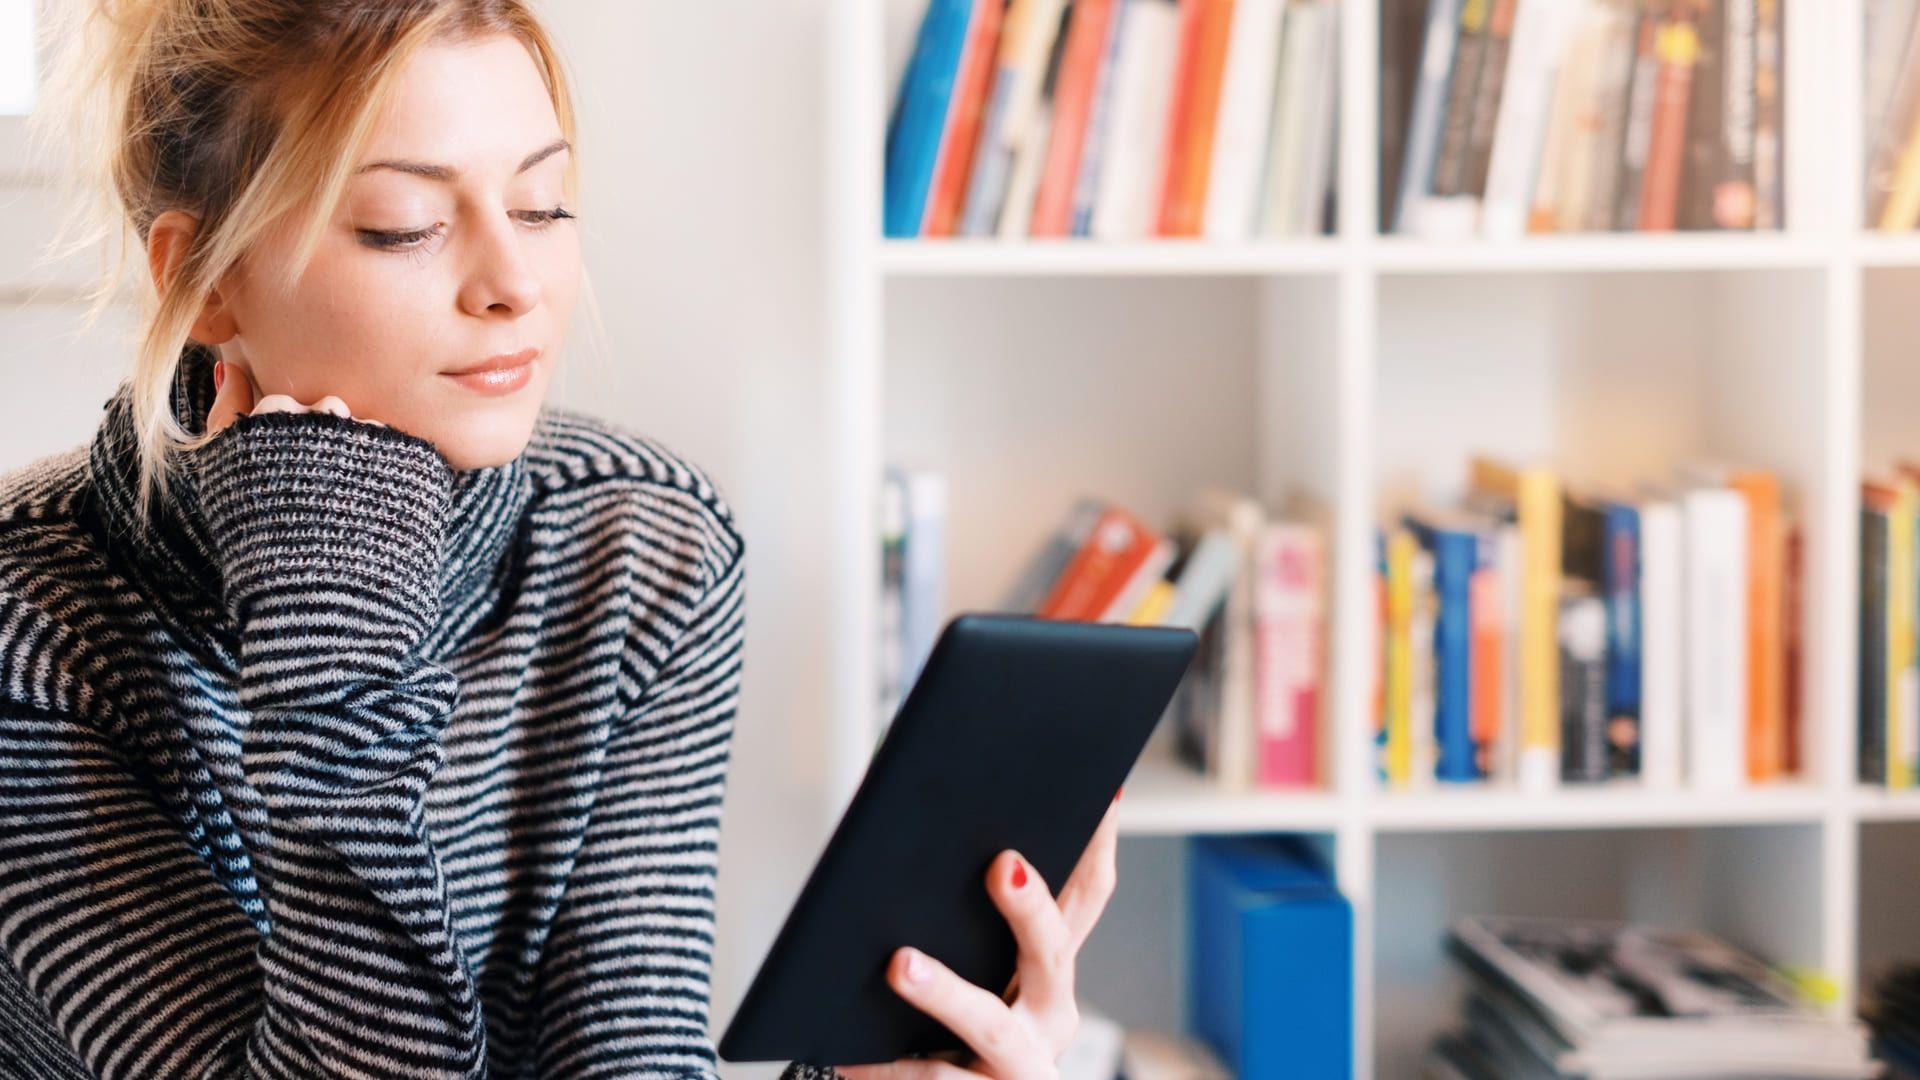 Como fazer um ebook? Aprenda no passo a passo (Foto: Shutterstock)